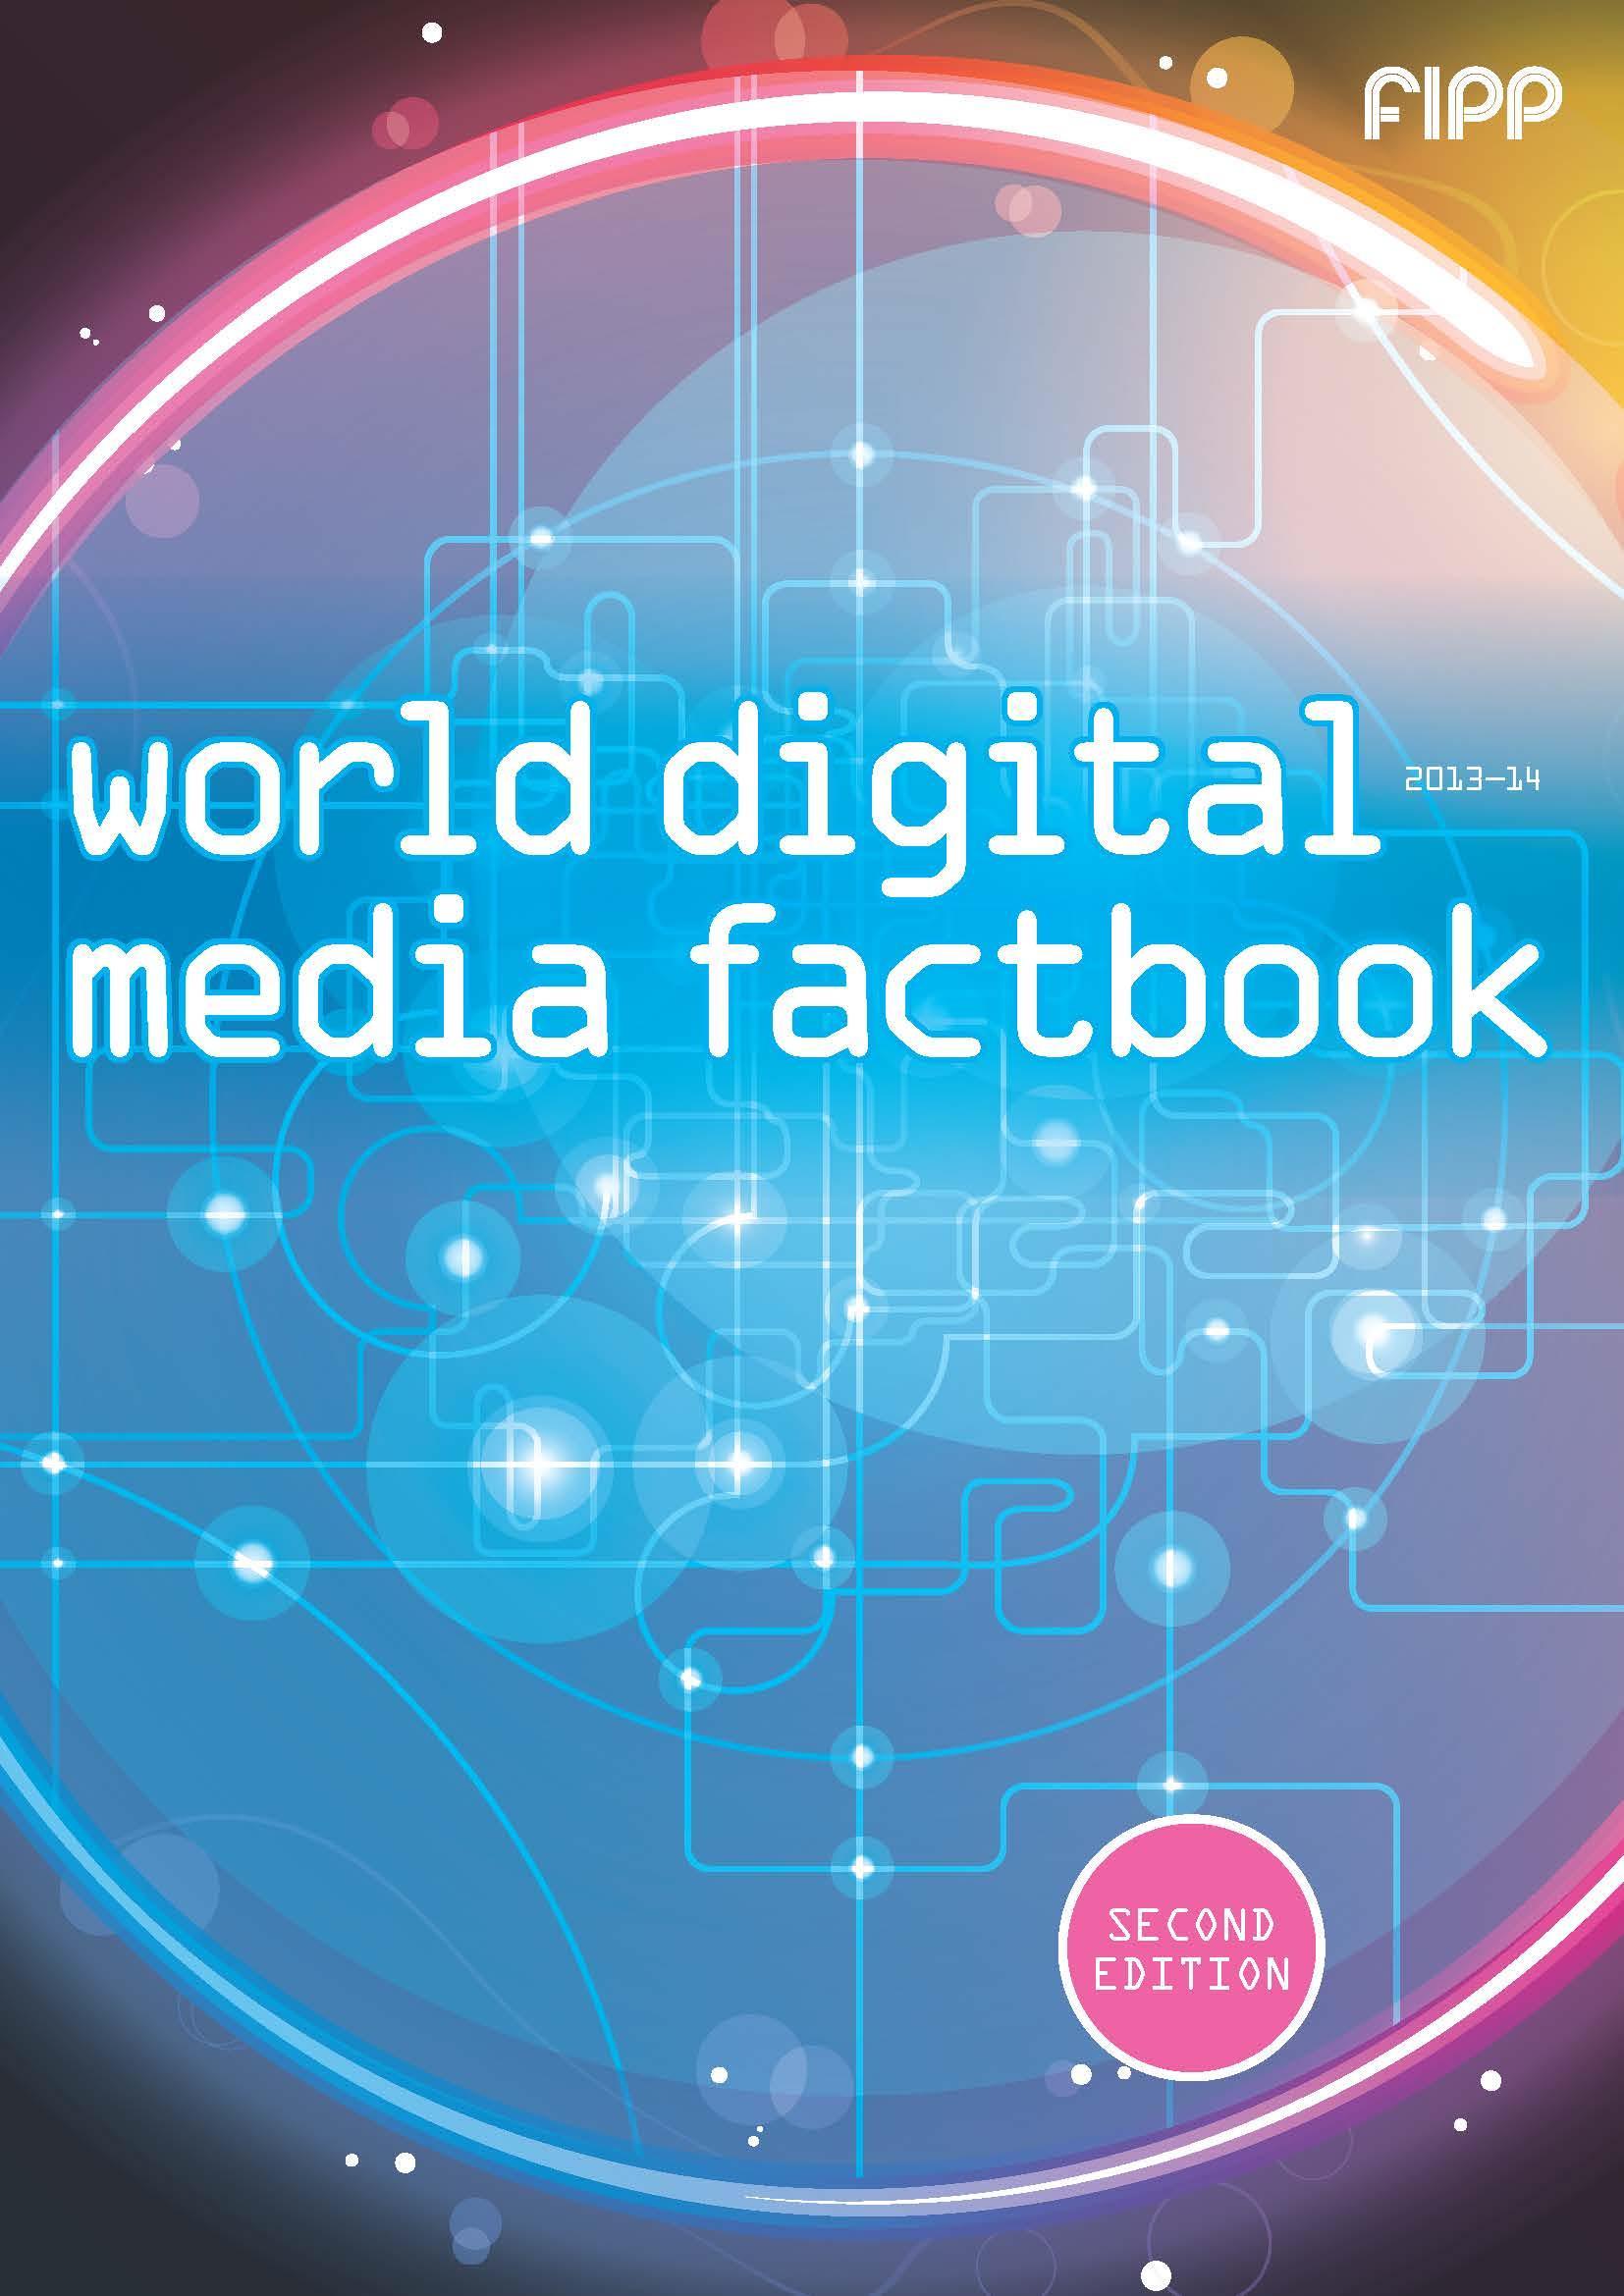 FIPP World Digital Media Factbook 2013-14 ()